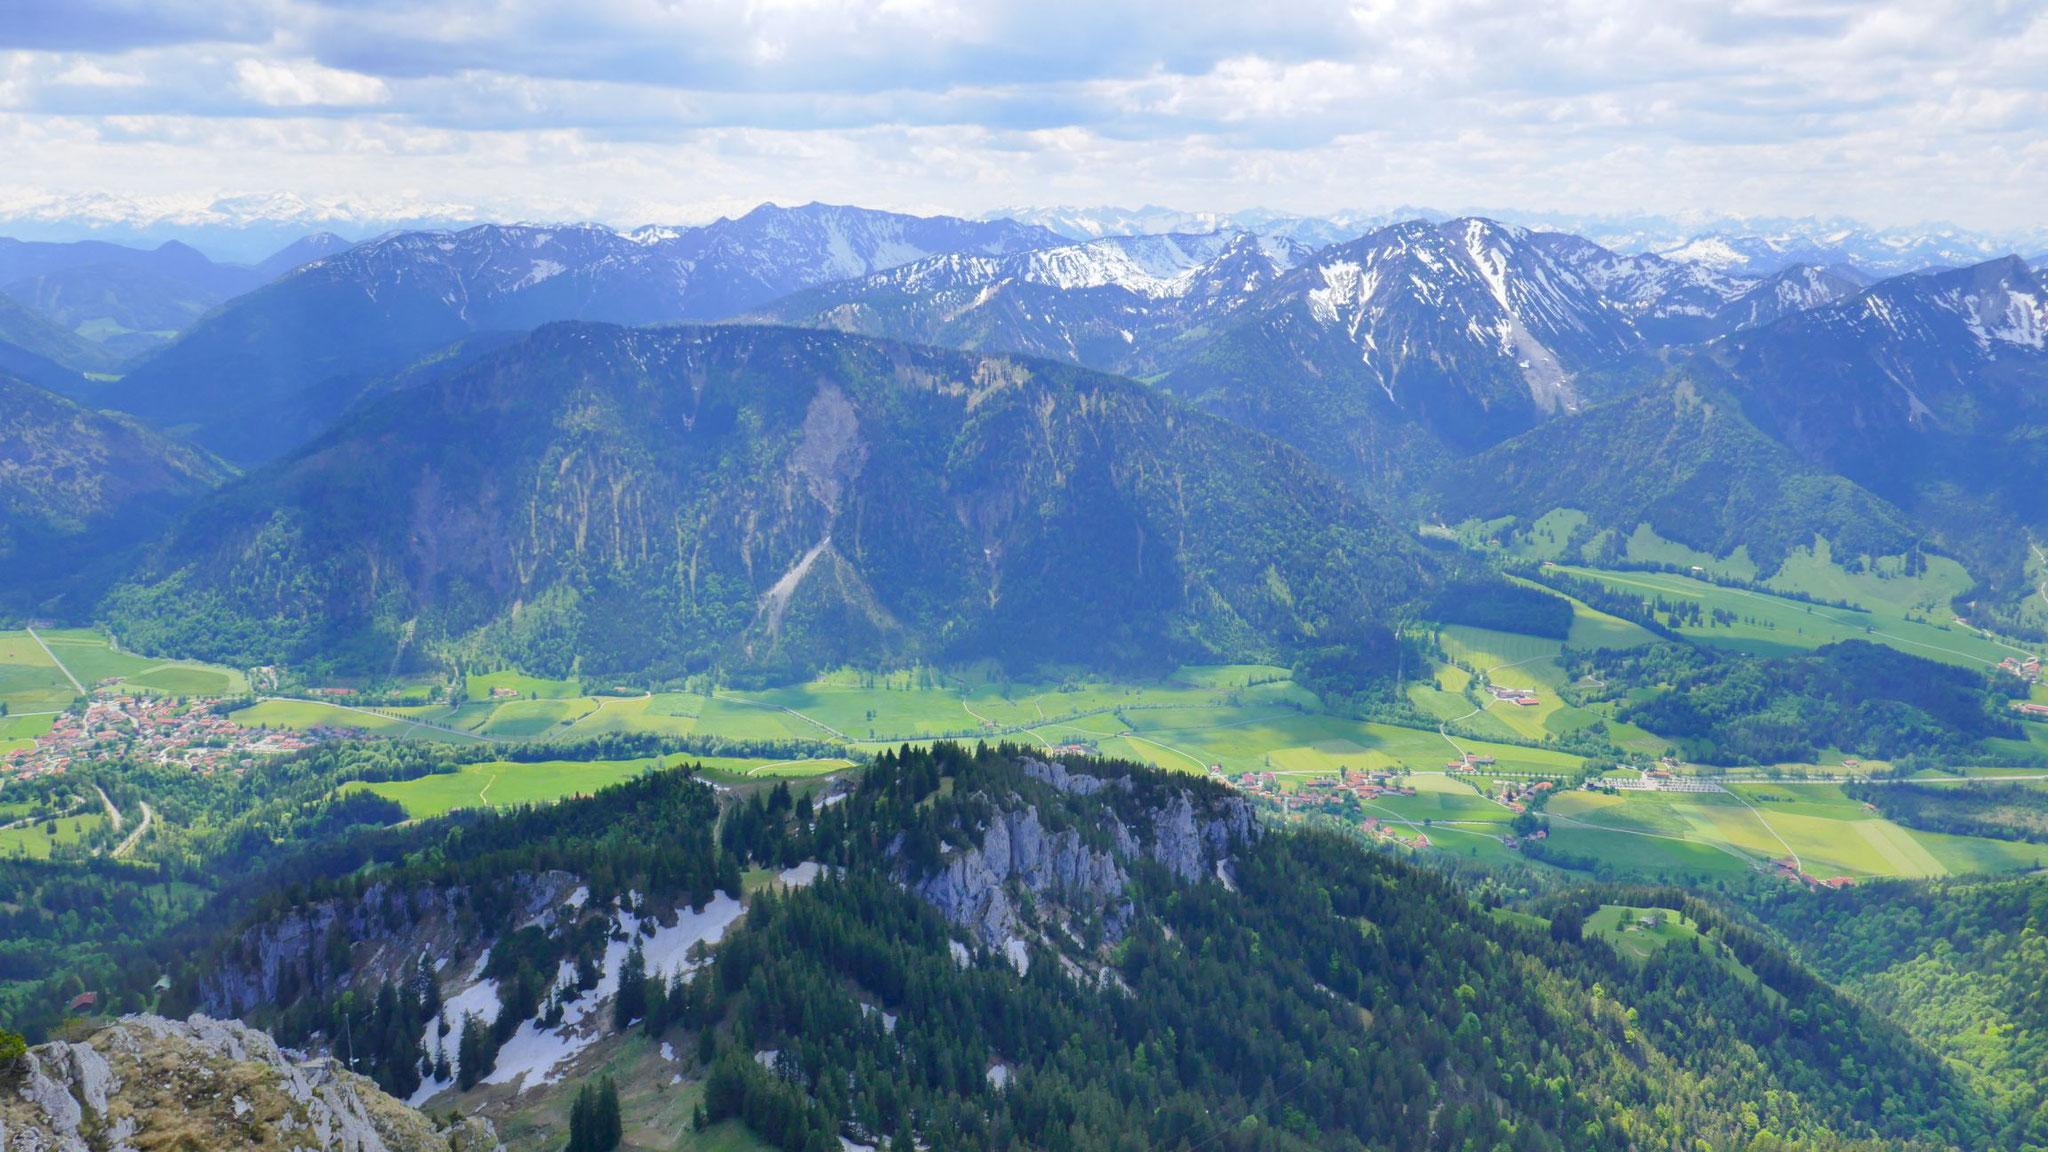 Im Süden dominieren Schönfeldjoch, Hinteres Sonnwendjoch und Miesing, dahinter Kitzbüheler, Tuxer und Rofan